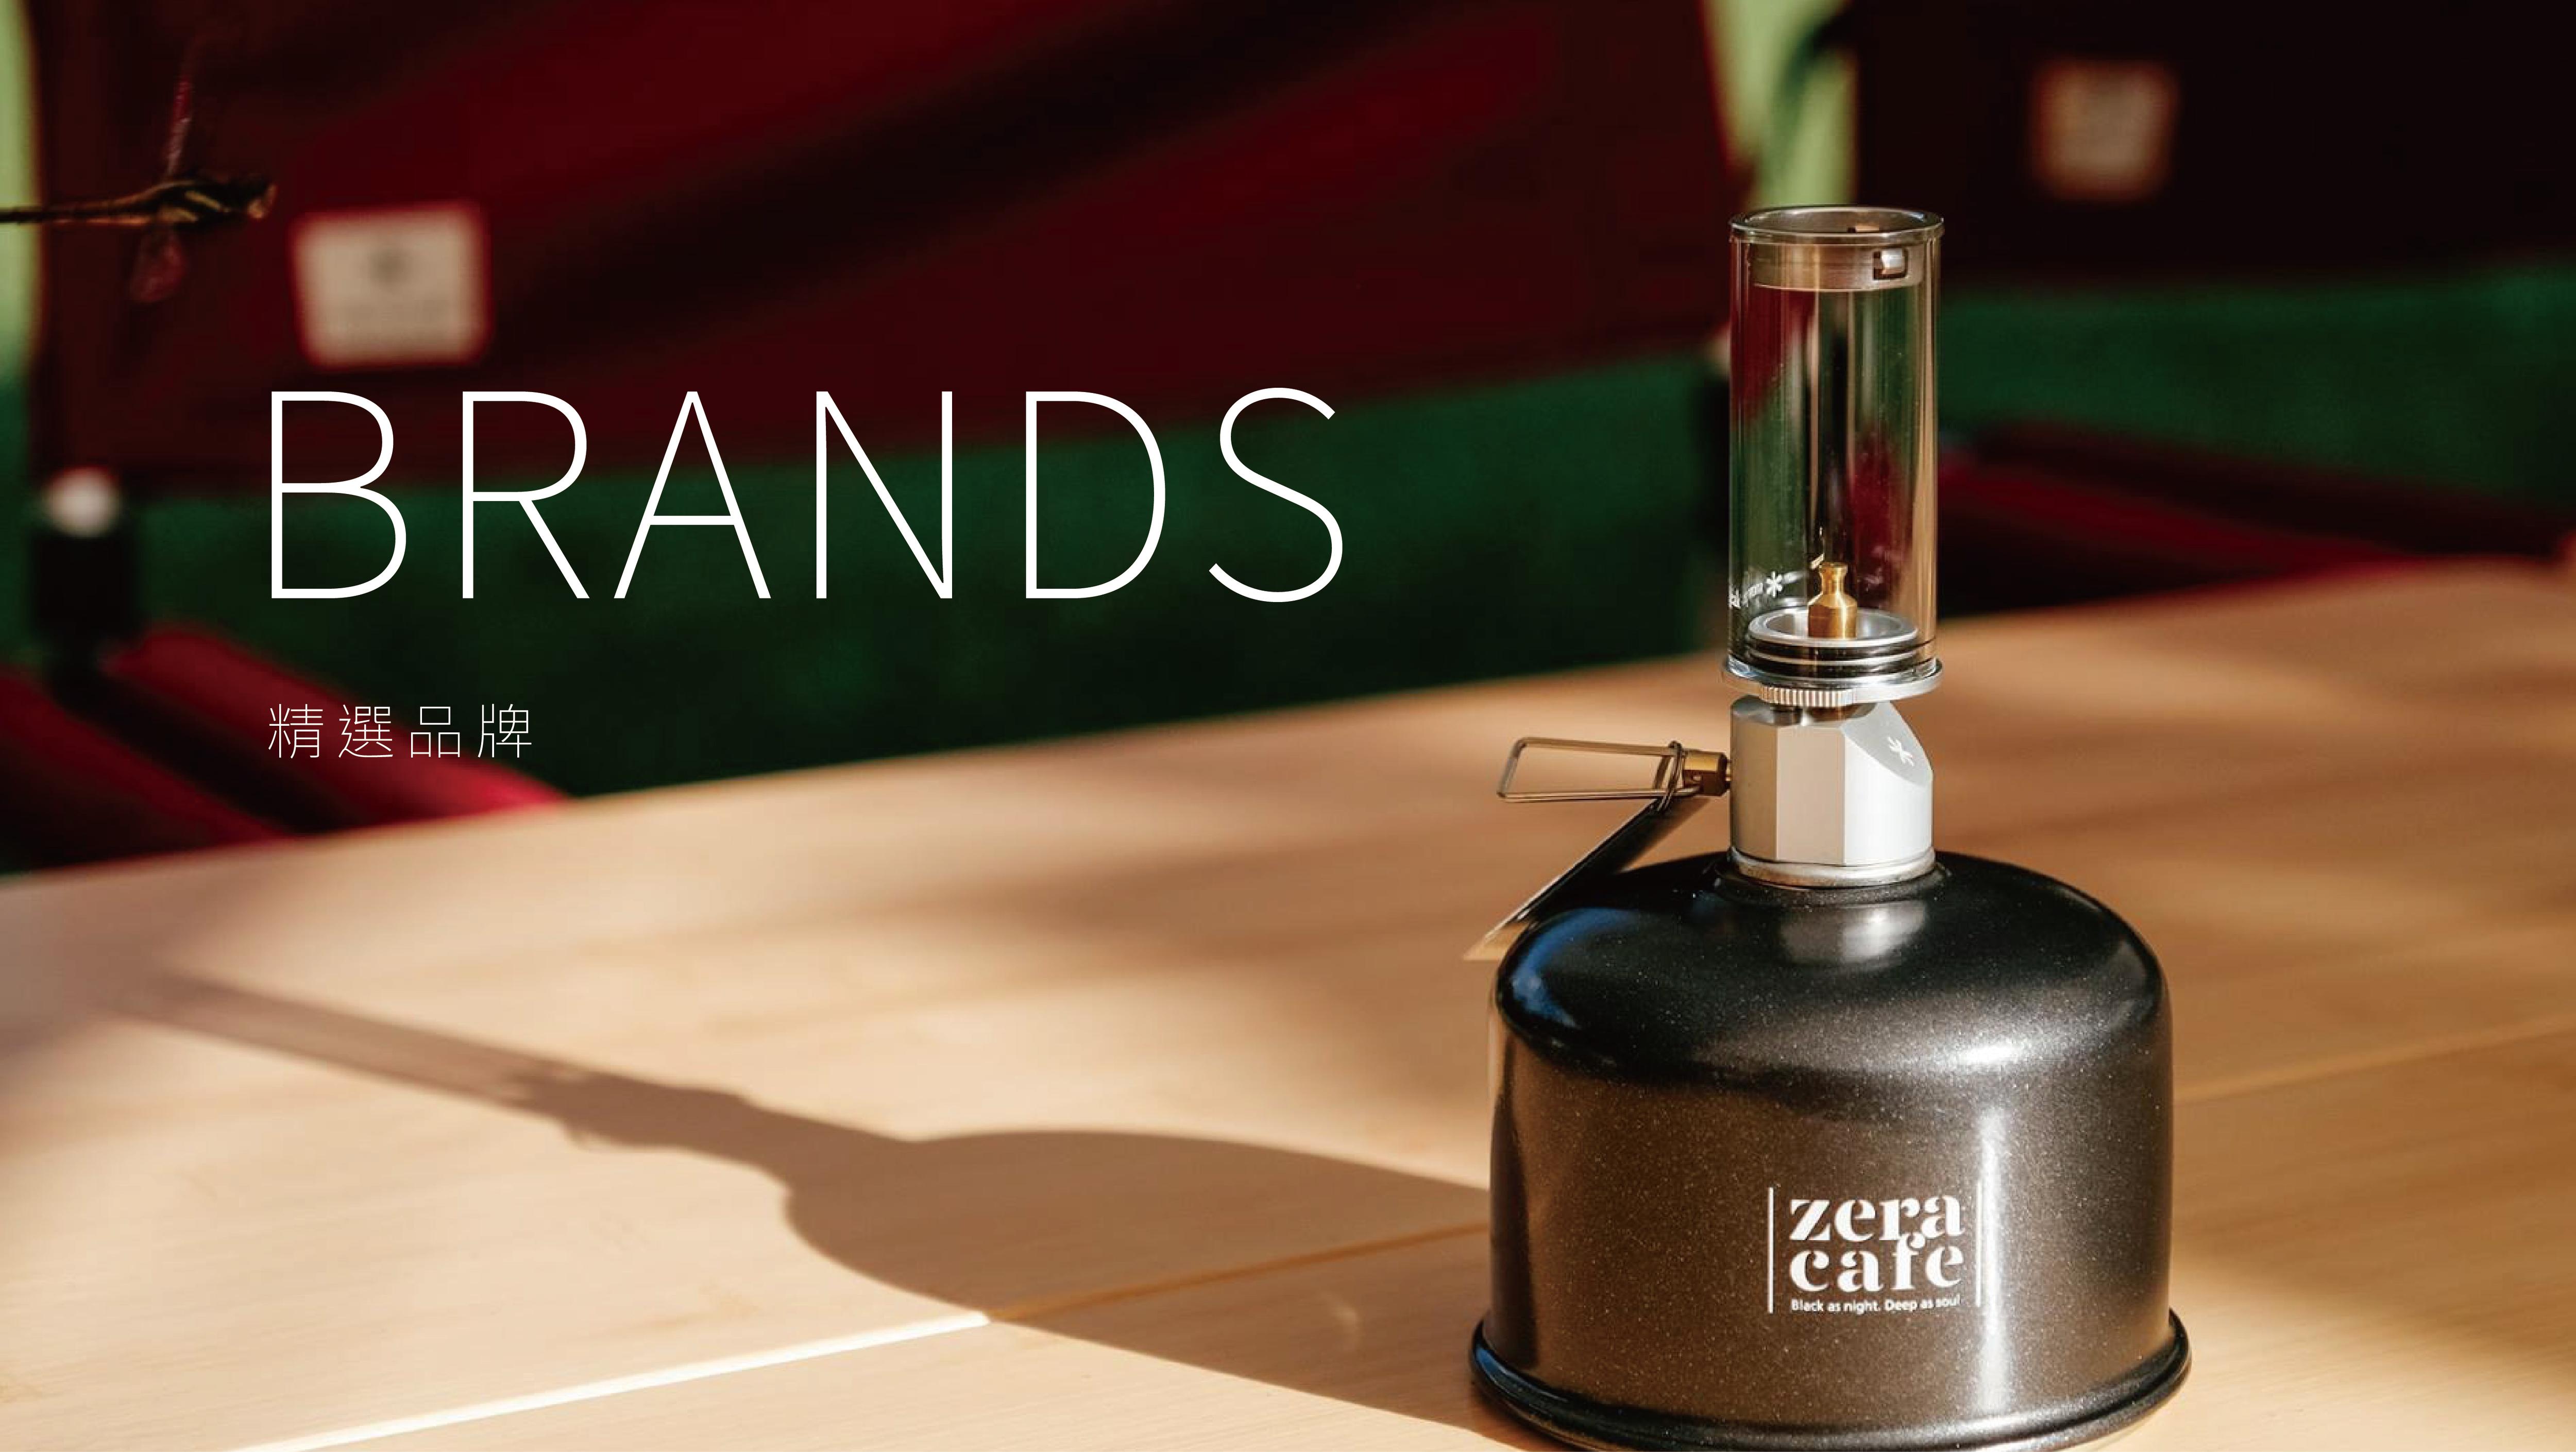 咖啡、咖啡器材與品牌相框放在戶外竹桌上